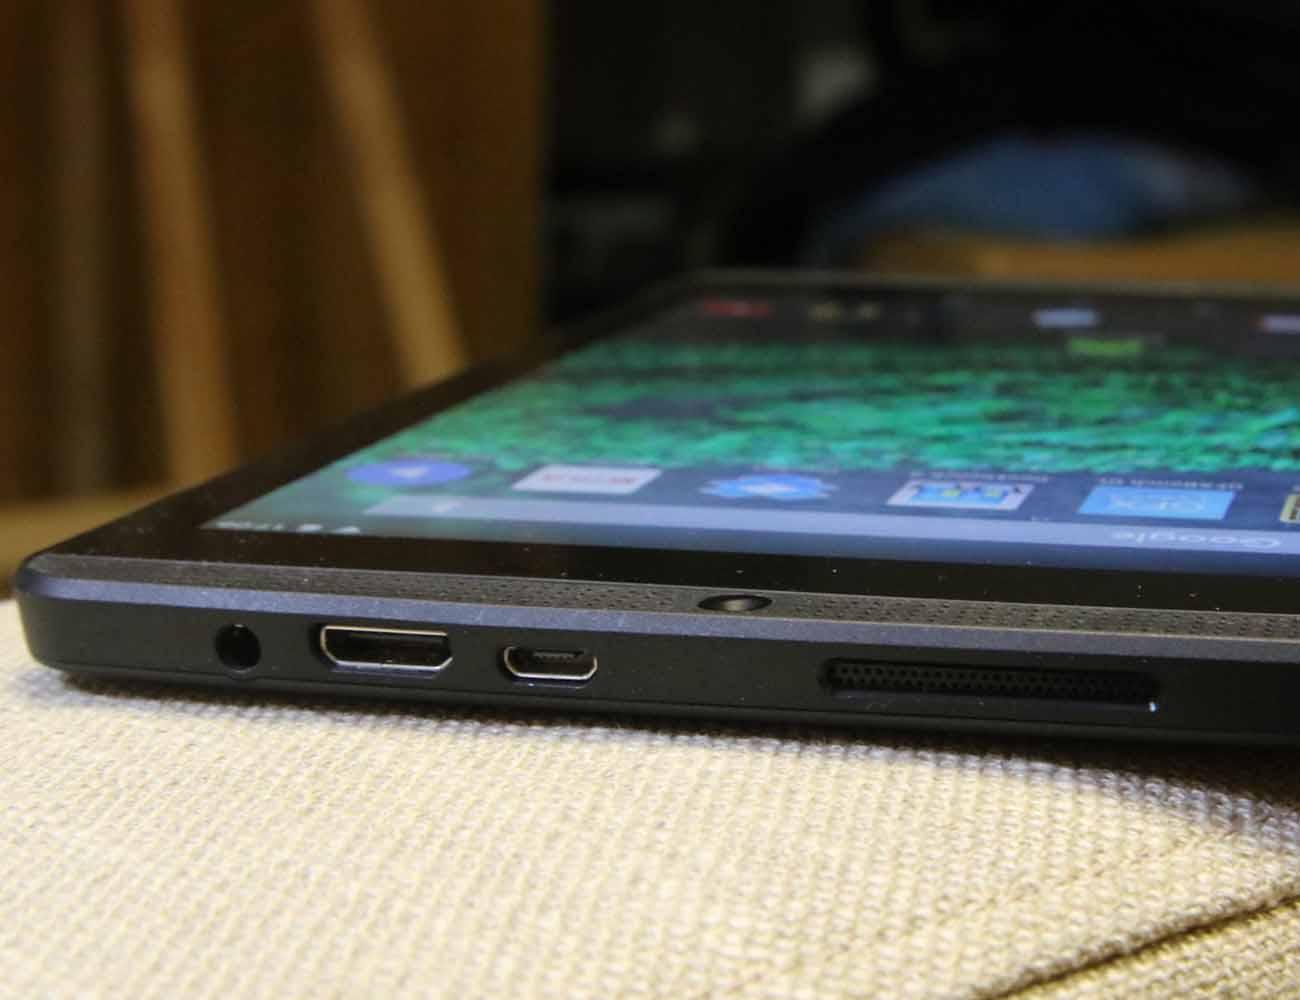 SHIELD Tablet K1 by Nvidia